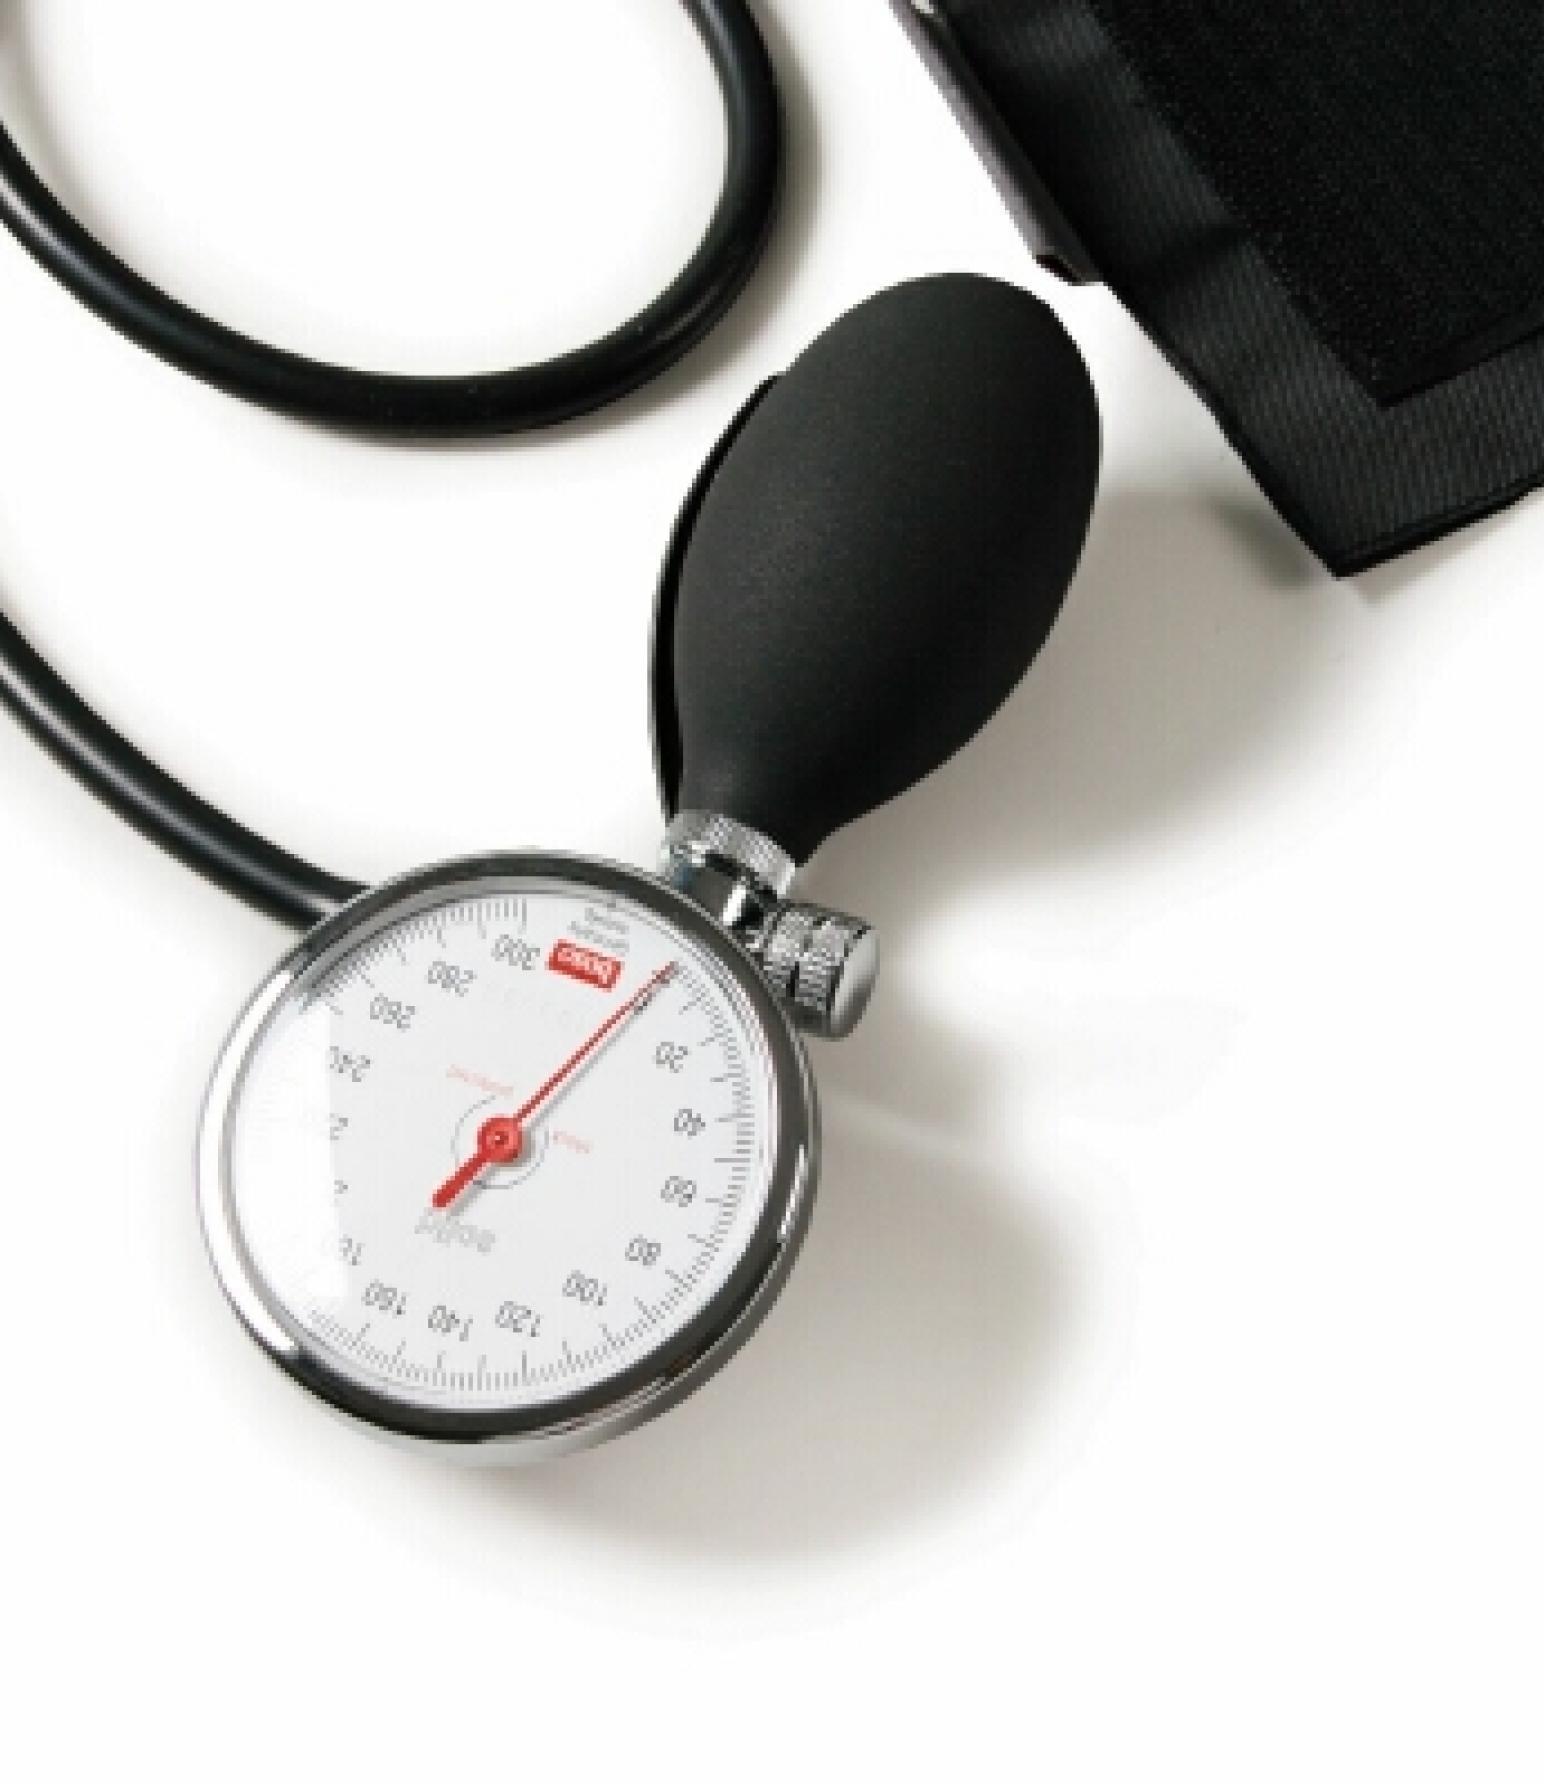 Bluthochdruck - Messgerät